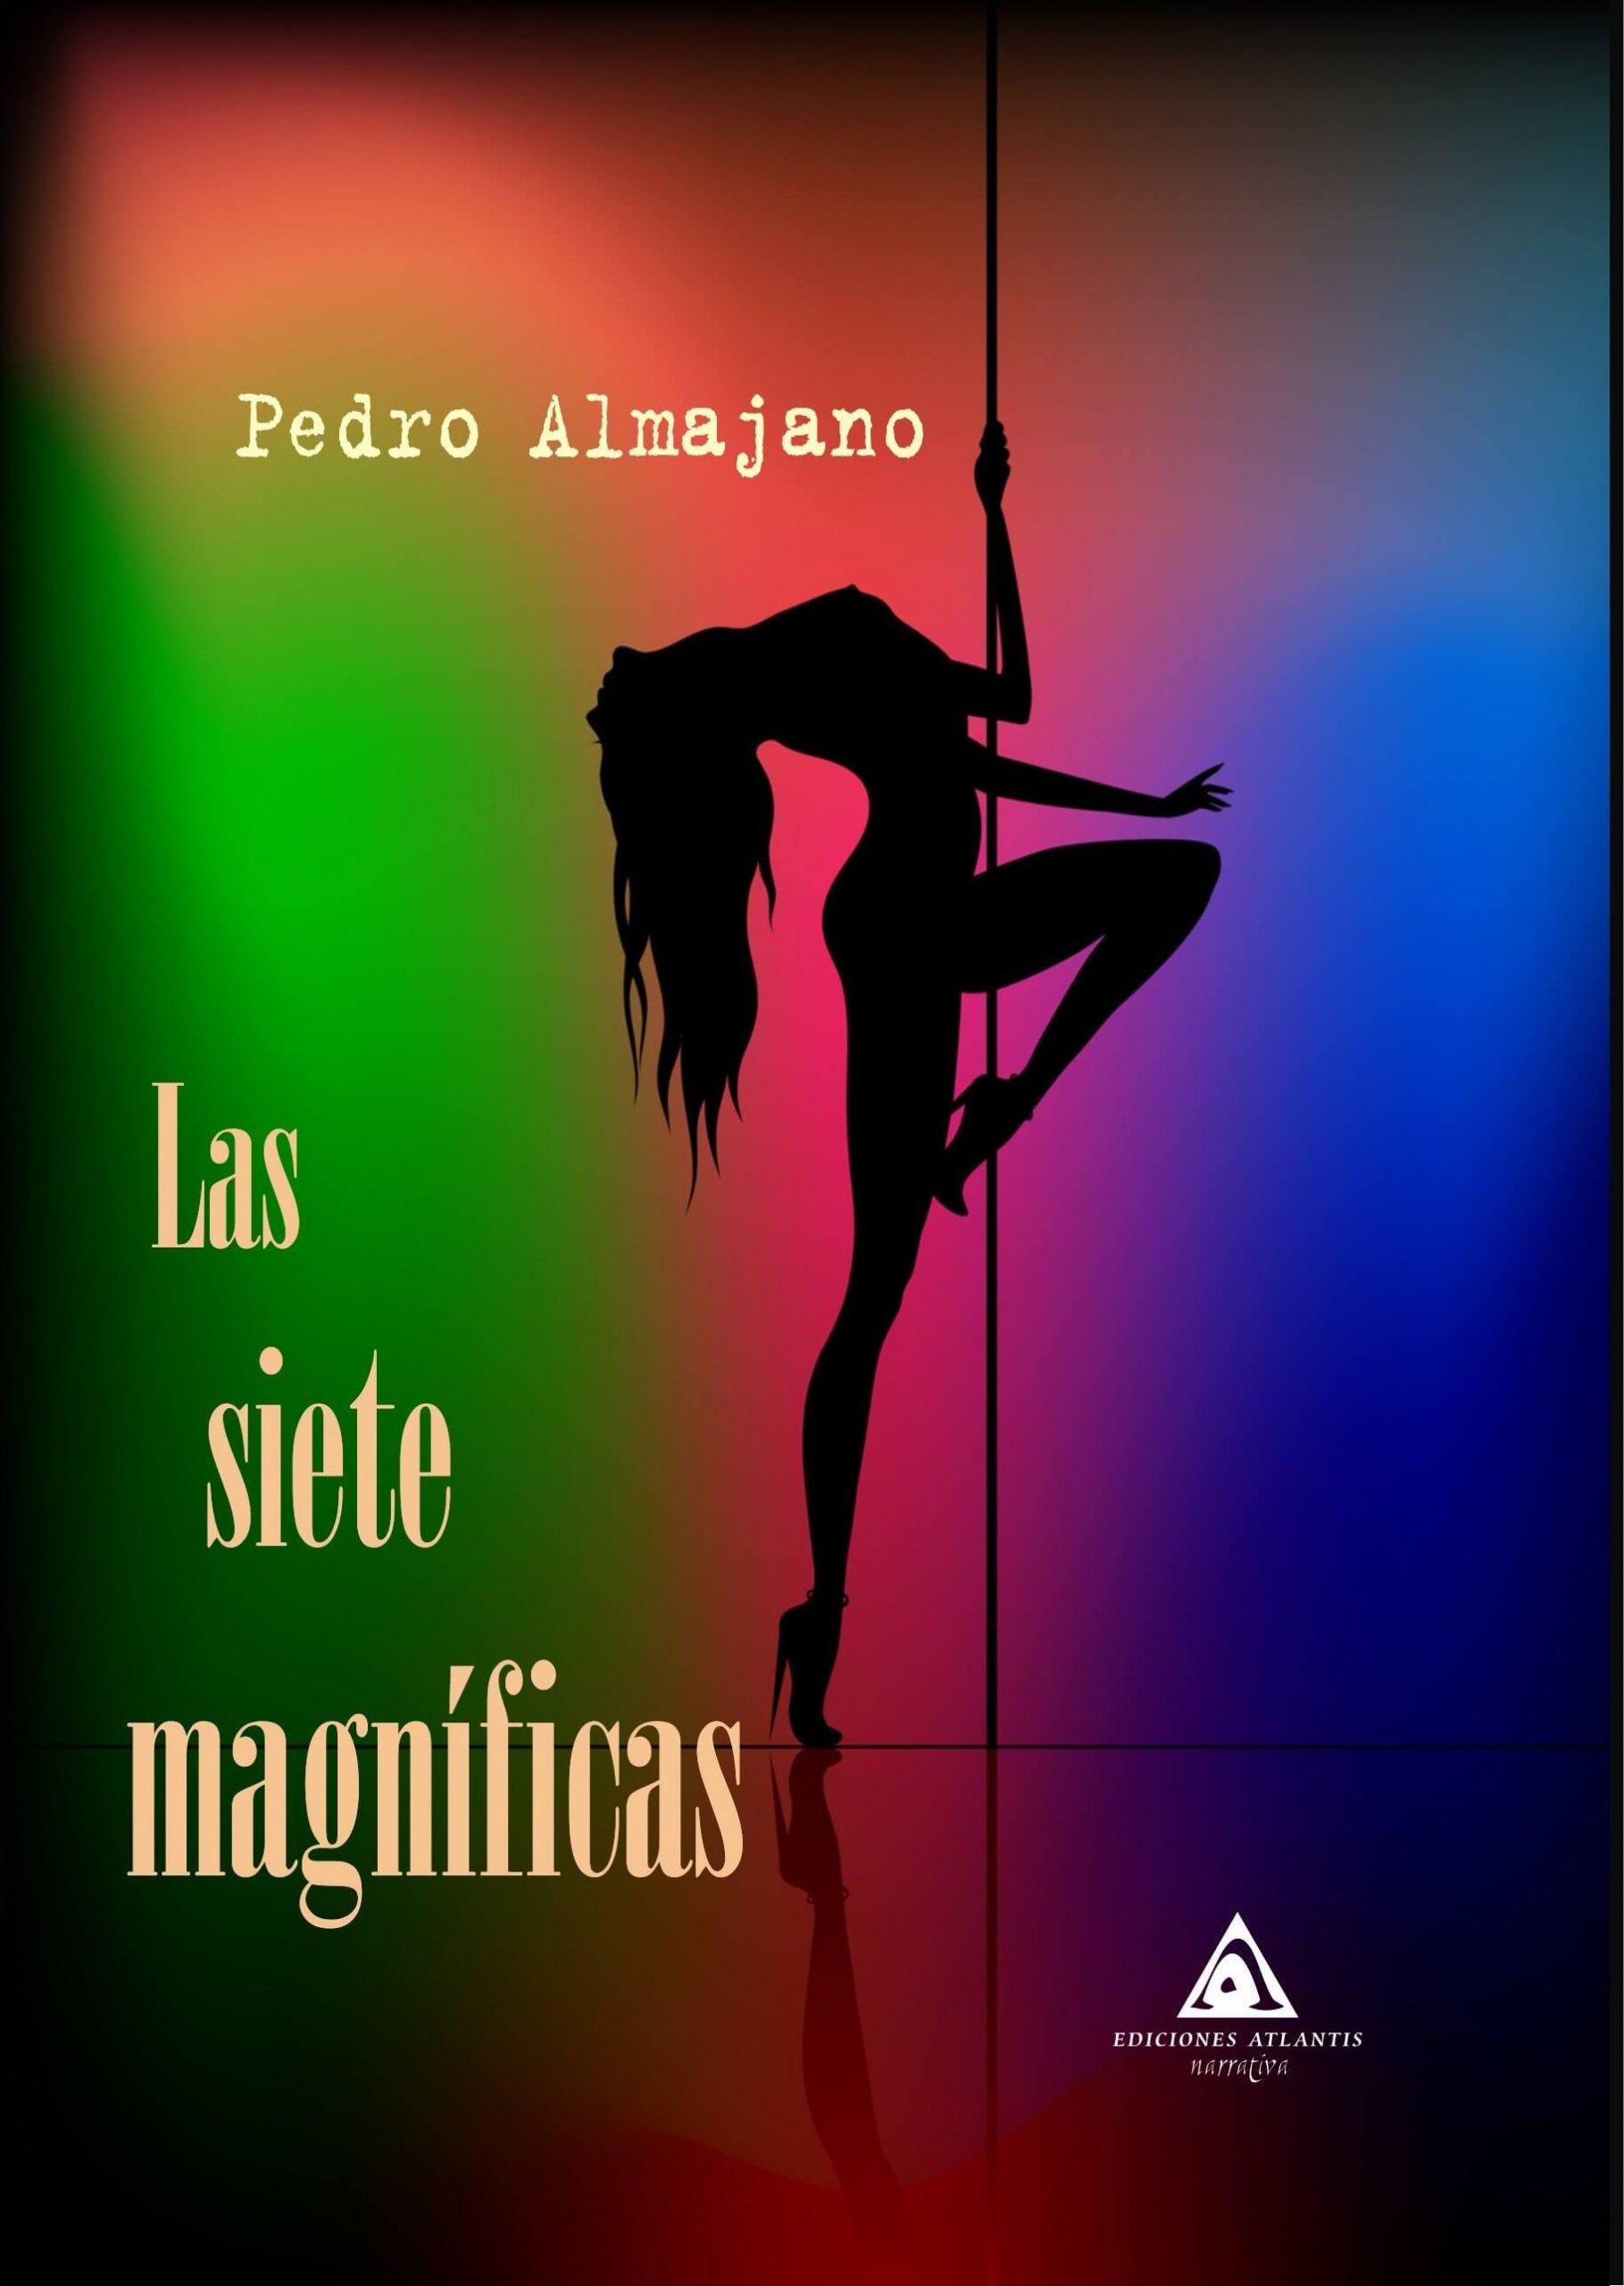 Las siete magníficas, un libro escrito por Pedro Almajano.